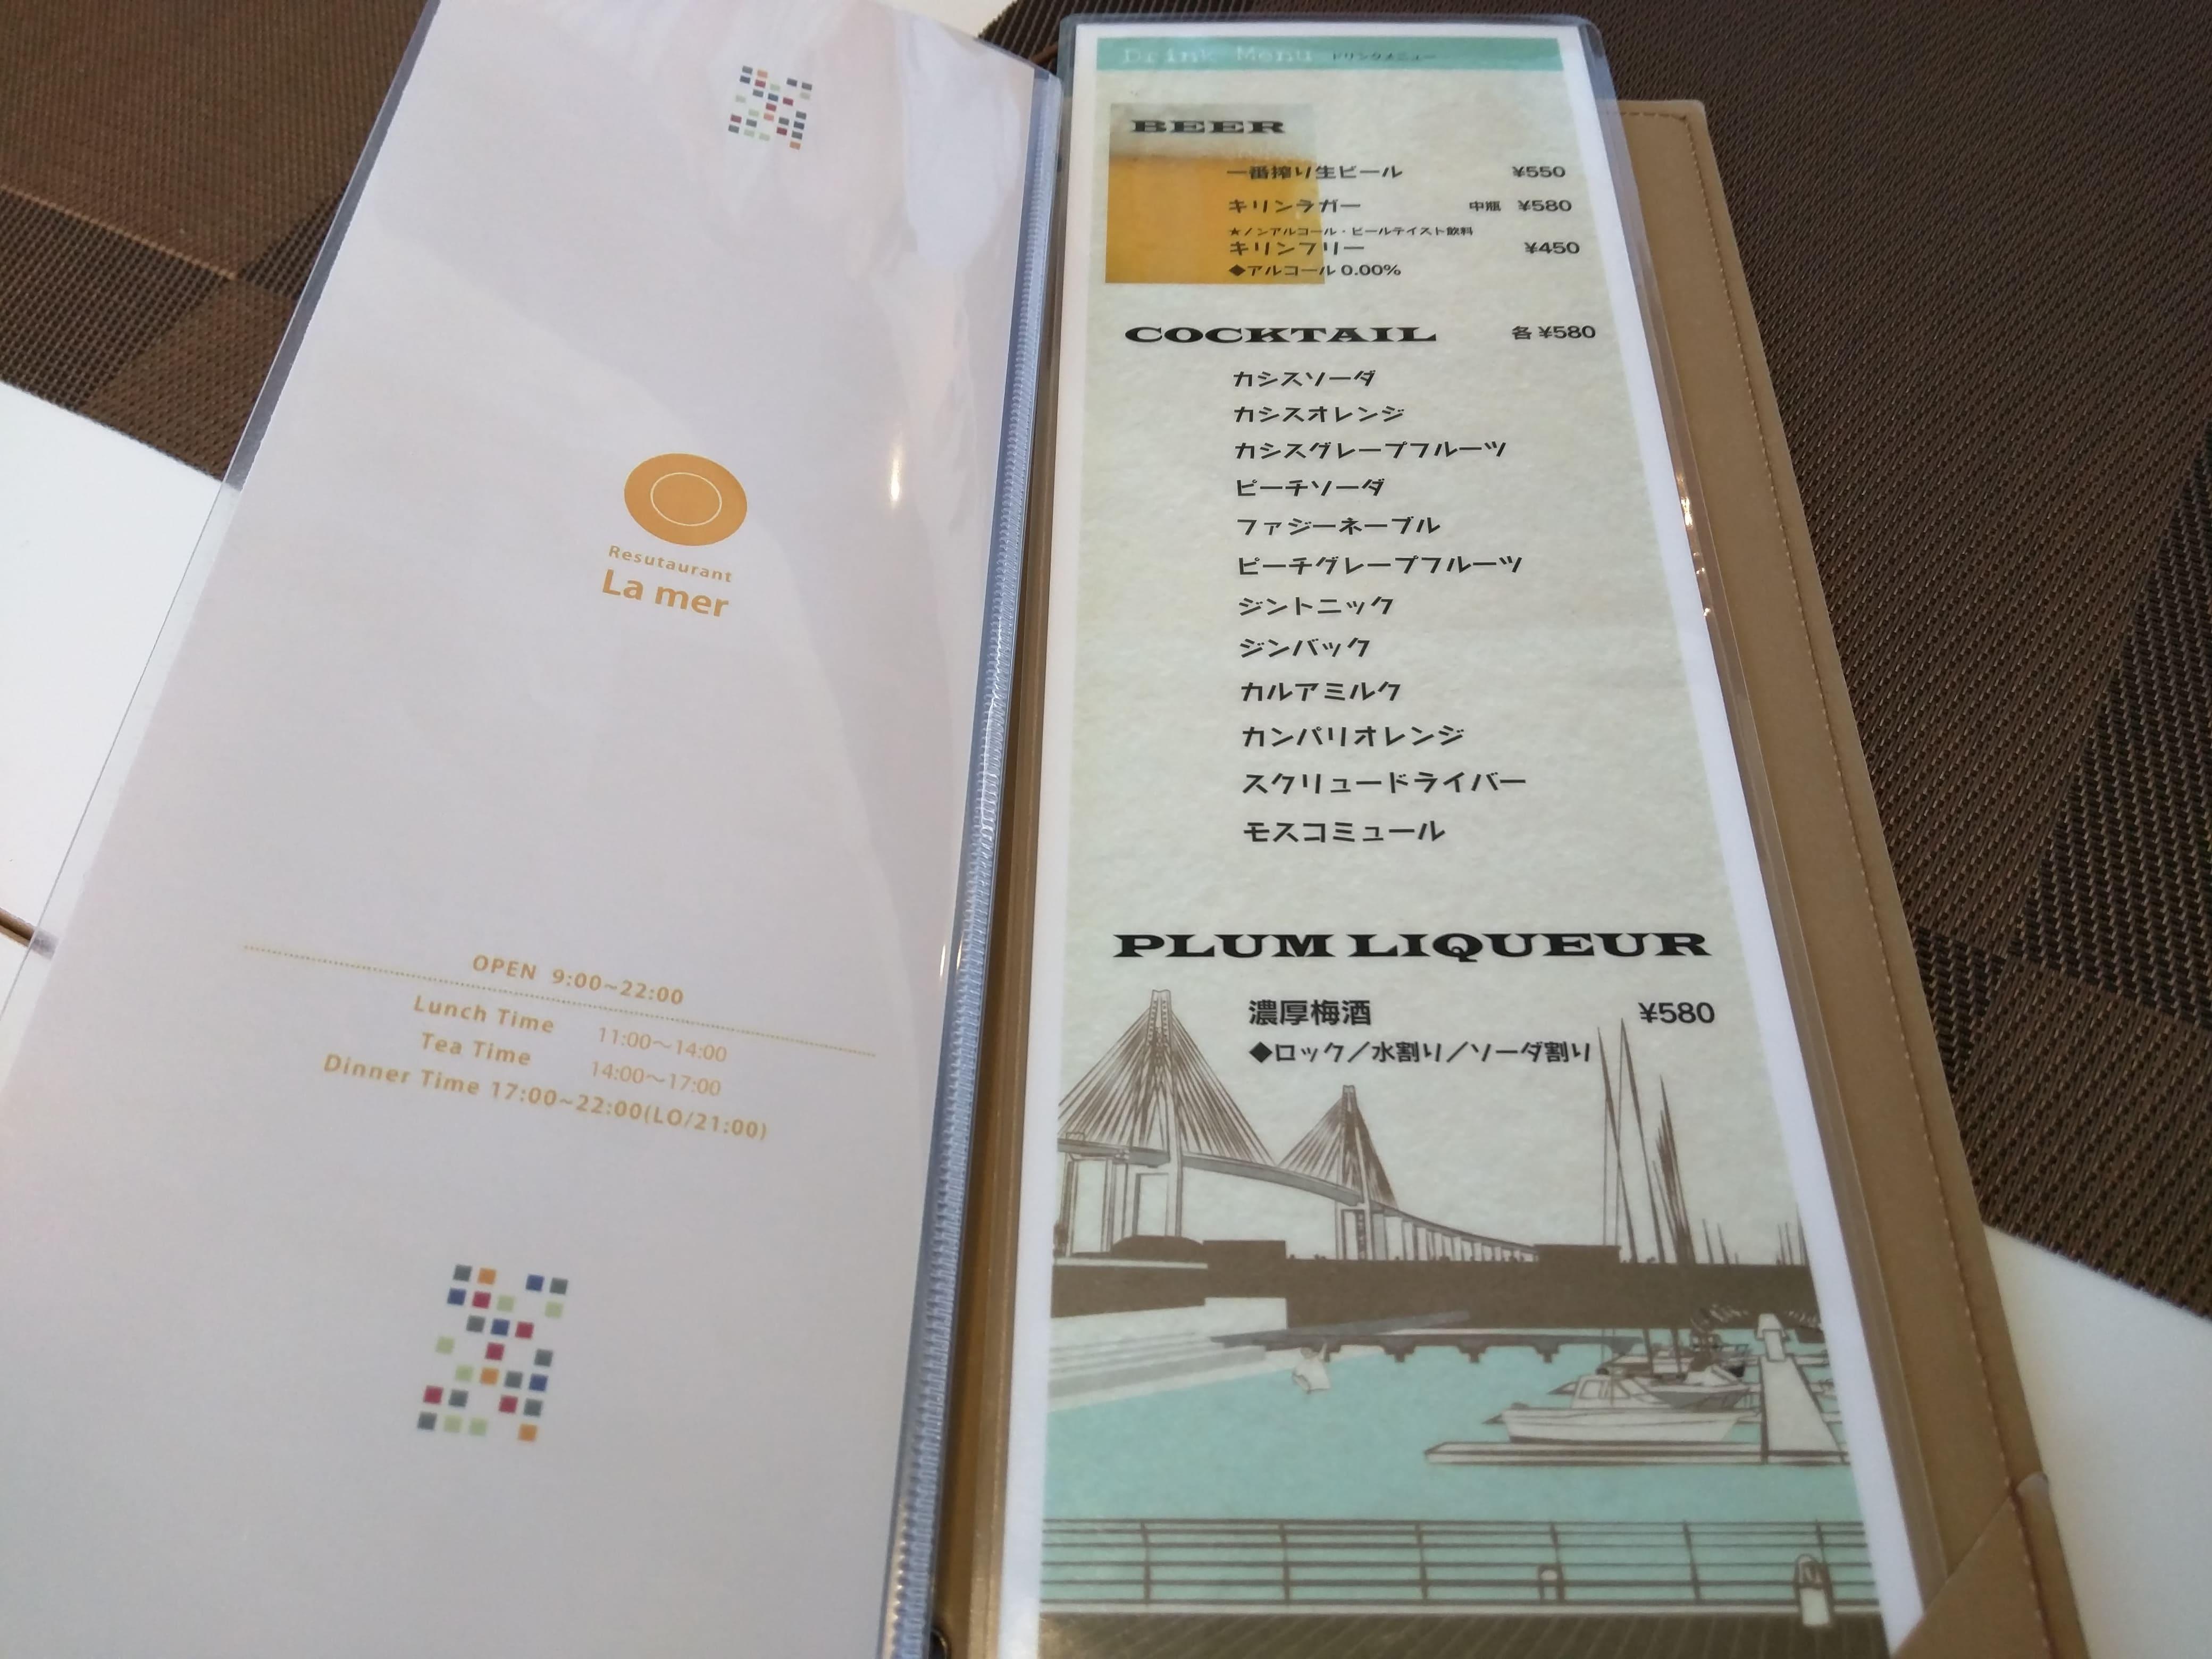 景色が綺麗なヨットハーバーのカフェ ~ 富山県射水市 海のカフェ・レストランSazan(サザン)内 La mer(ラ・メール)